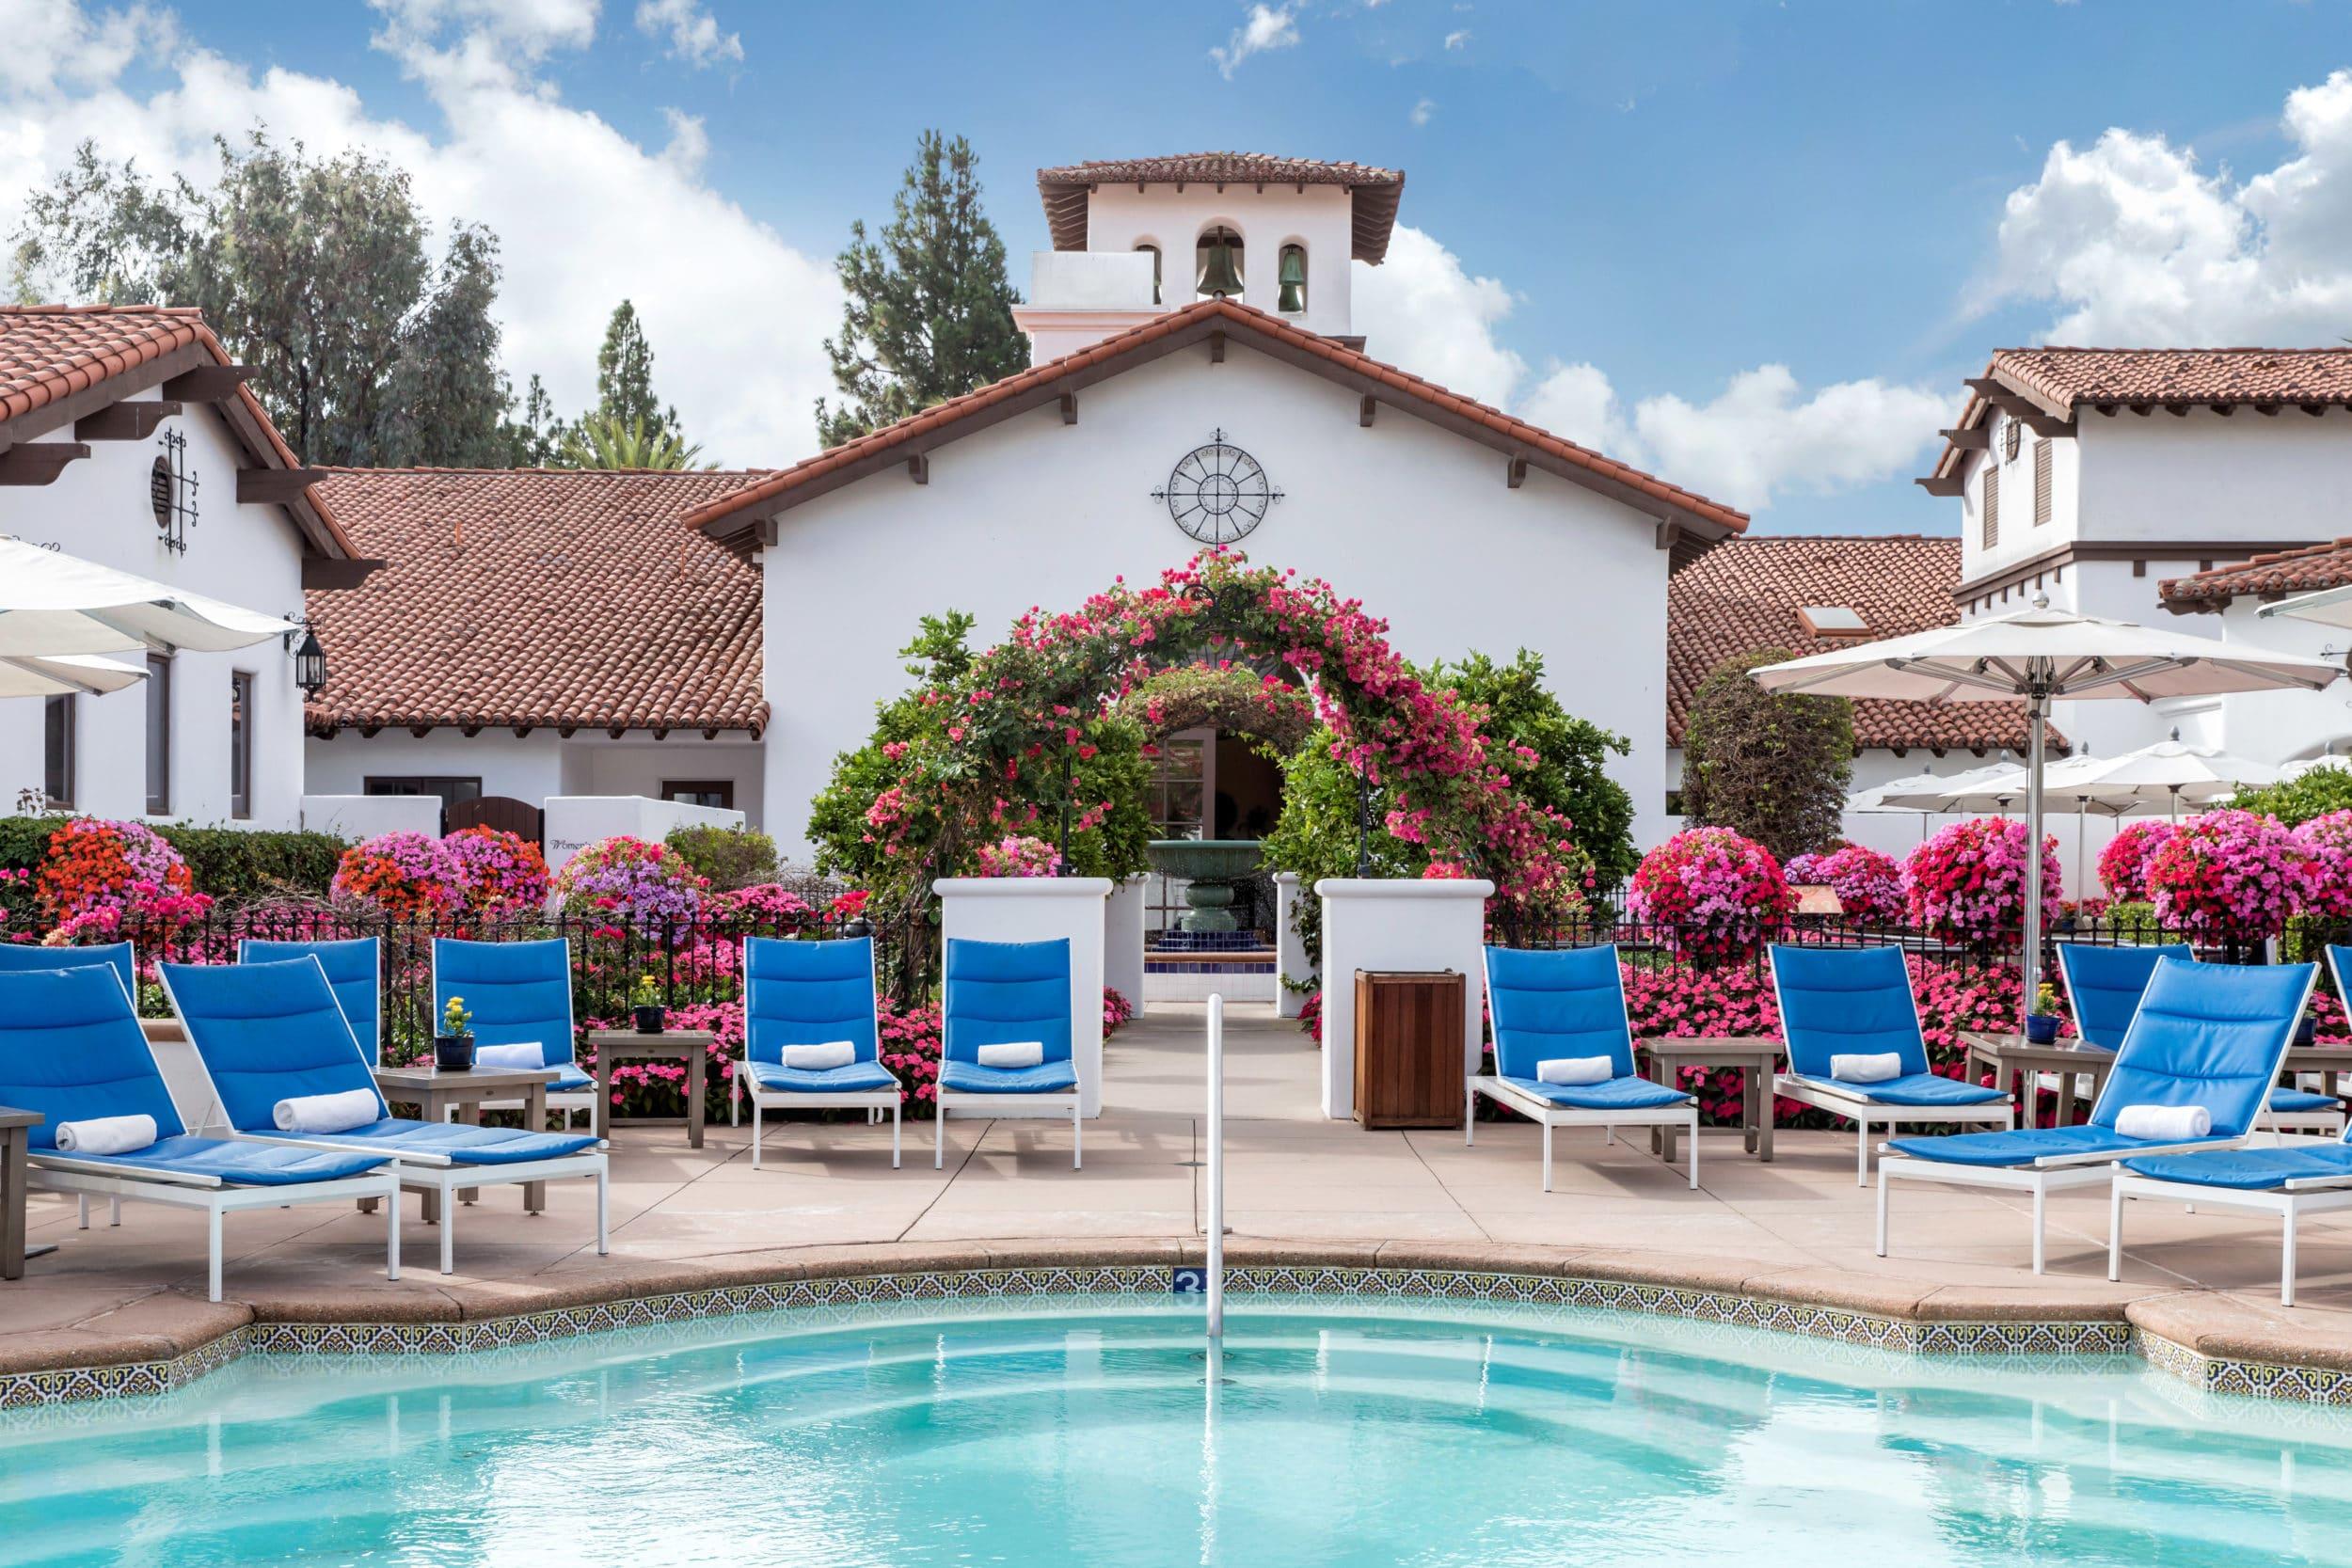 Omni La Costa Resort and Spa in Carlsbad, California